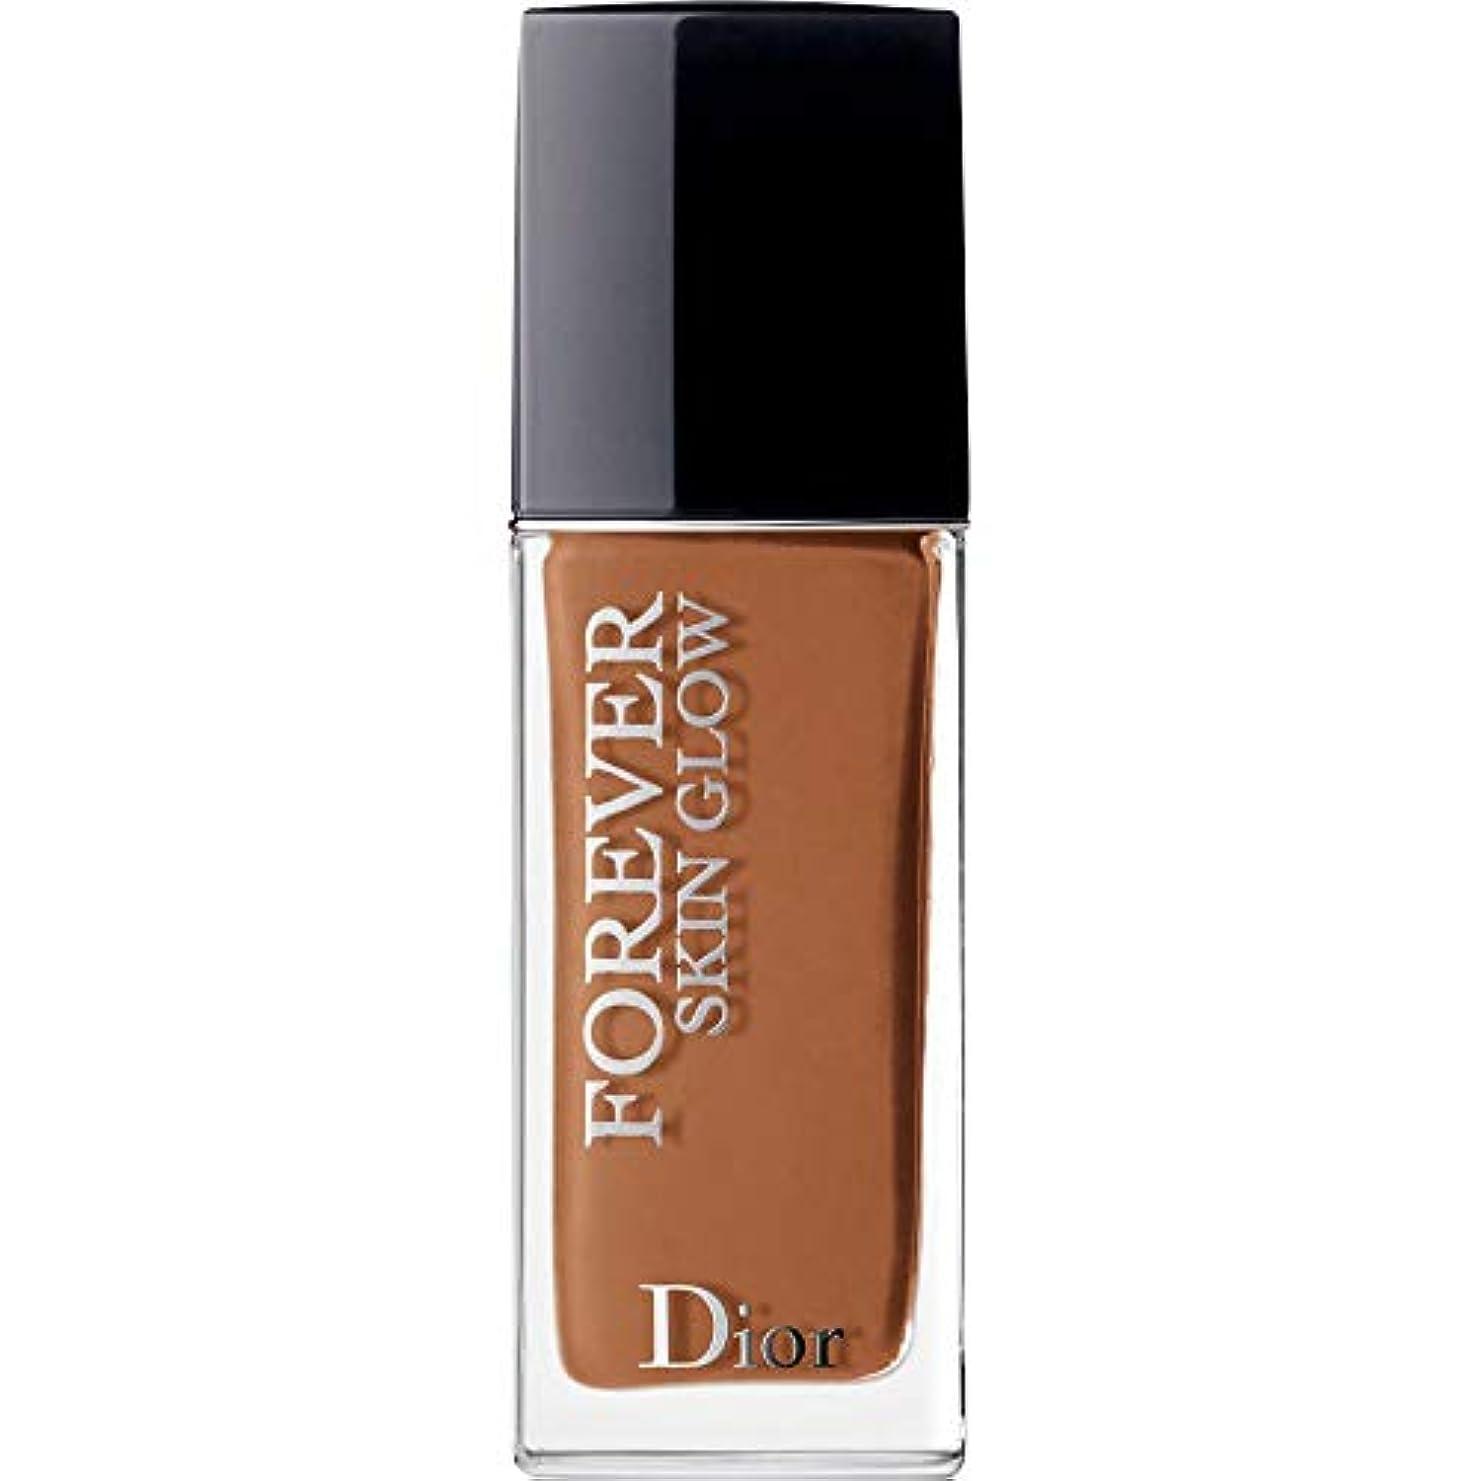 不正直メンバービジネス[Dior ] ディオール永遠に皮膚グロー皮膚思いやりの基礎Spf35 30ミリリットルの6N - ニュートラル(肌の輝き) - DIOR Forever Skin Glow Skin-Caring Foundation...